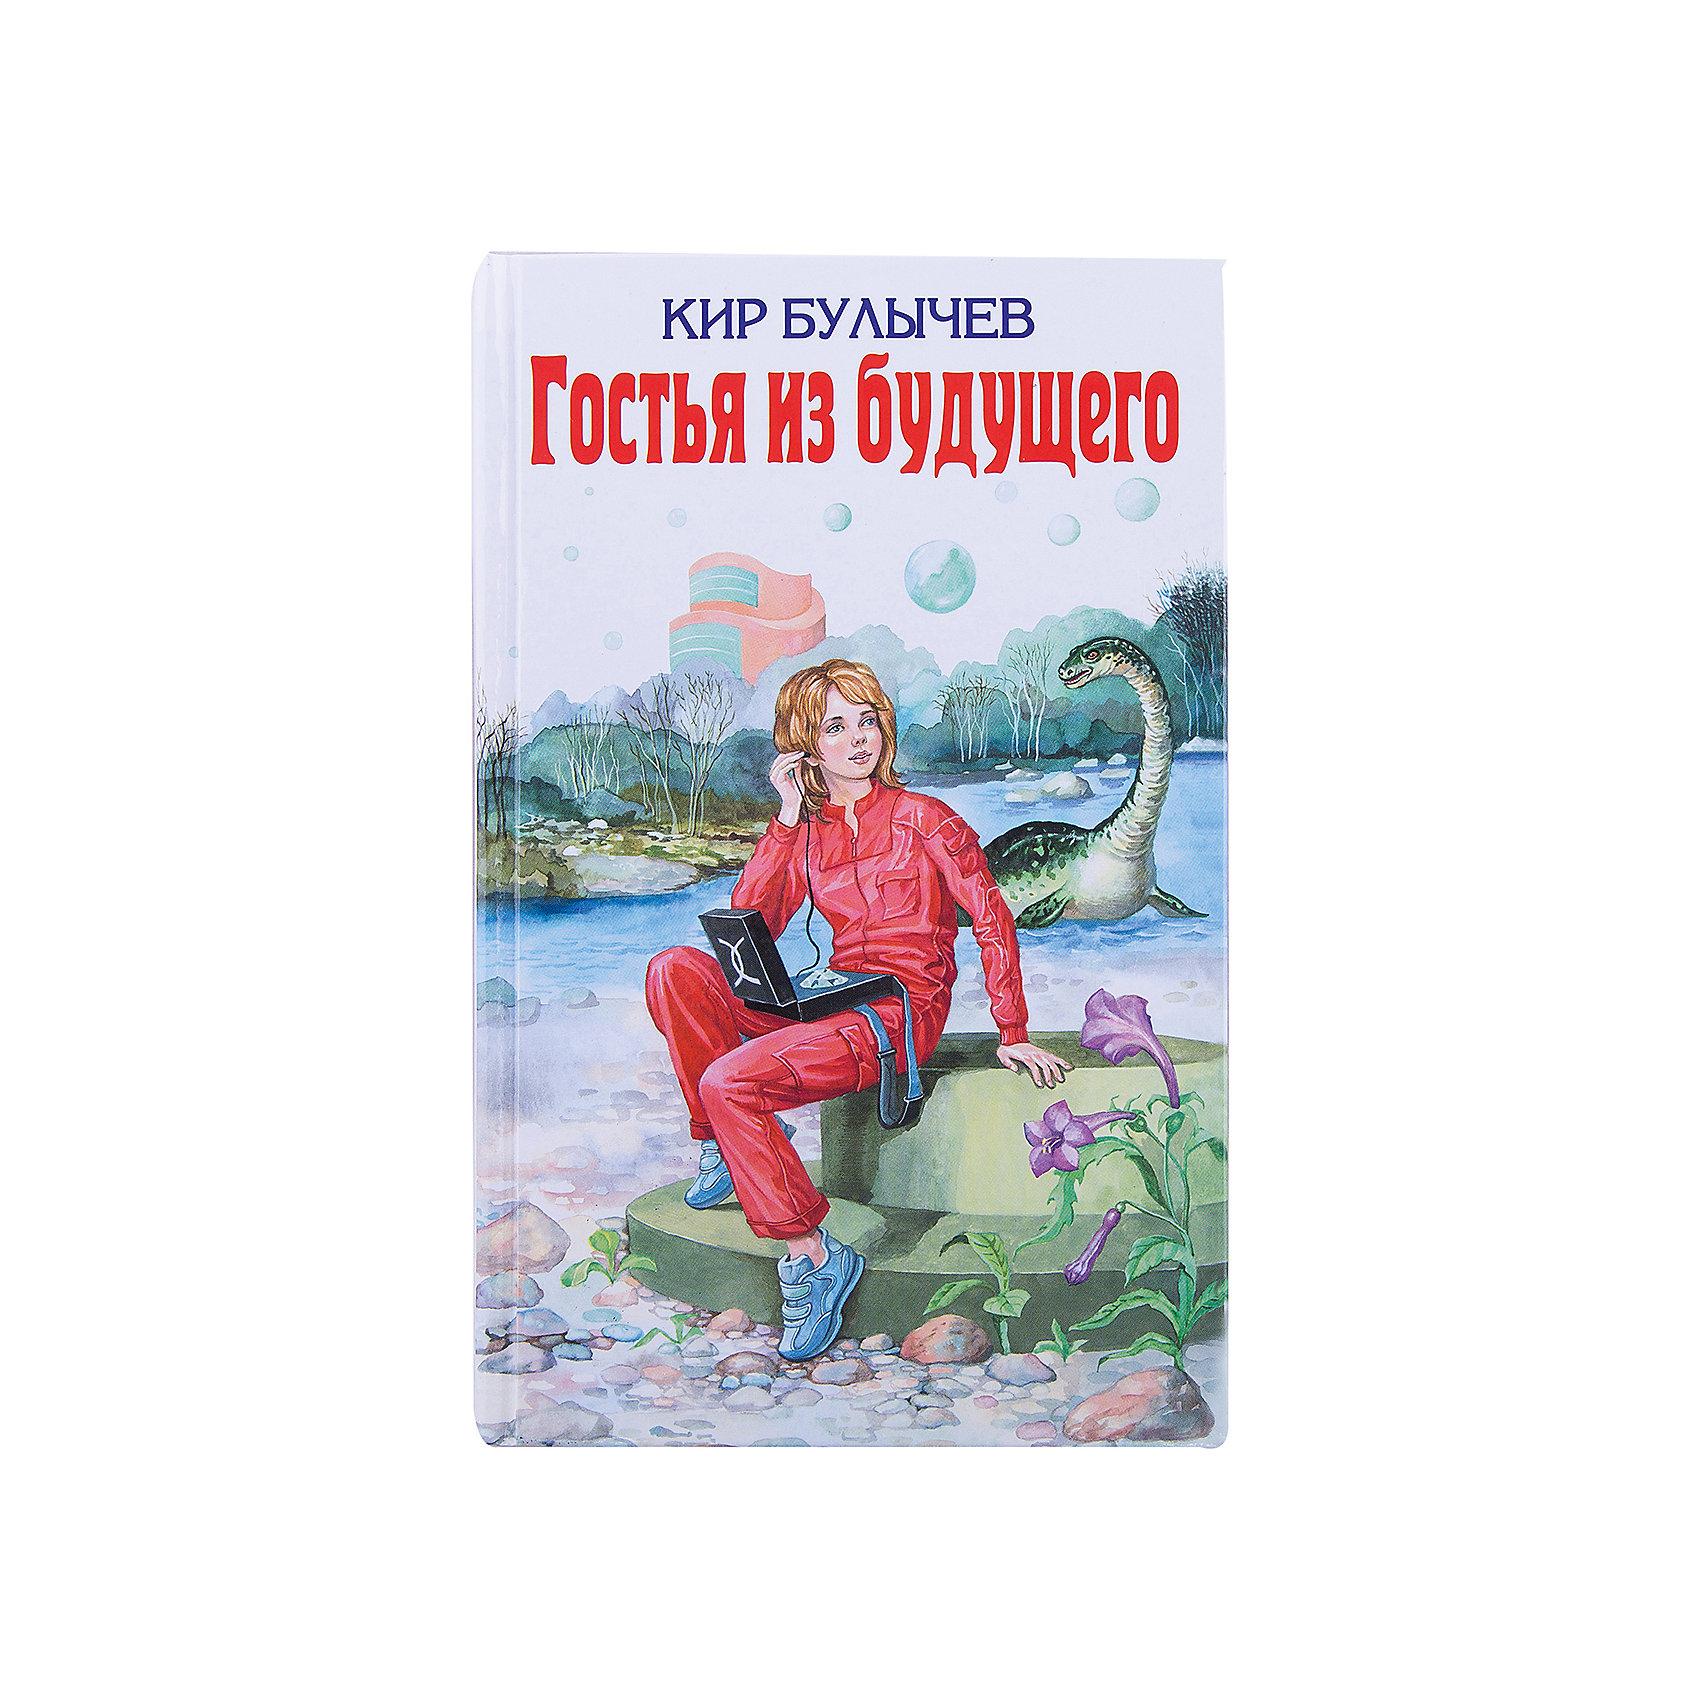 Гостья из будущего, Кир БулычевРассказы и повести<br>Одна из самых популярных российских книжных серий для детей и подростков. Белый фон, красные буквы, яркая иллюстрация как магнитом притягивает мальчишек и девчонок, а также их родителей - и не случайно. В серии собраны лучшие произведения отечественных и зарубежных авторов, когда-либо писавших для 6-13-летних граждан. Наряду с известными произведениями, давно ставшими классикой, в серии представлены новинки детской зарубежной литературы. Покупатели доверяют выбору наших редакторов - едва появившись на прилавке, эти книги становятся бестселлерами.<br><br>Содержание:<br>Гость из прошлого<br>Три К<br><br>Ширина мм: 220<br>Глубина мм: 140<br>Высота мм: 30<br>Вес г: 473<br>Возраст от месяцев: 72<br>Возраст до месяцев: 144<br>Пол: Унисекс<br>Возраст: Детский<br>SKU: 6878041